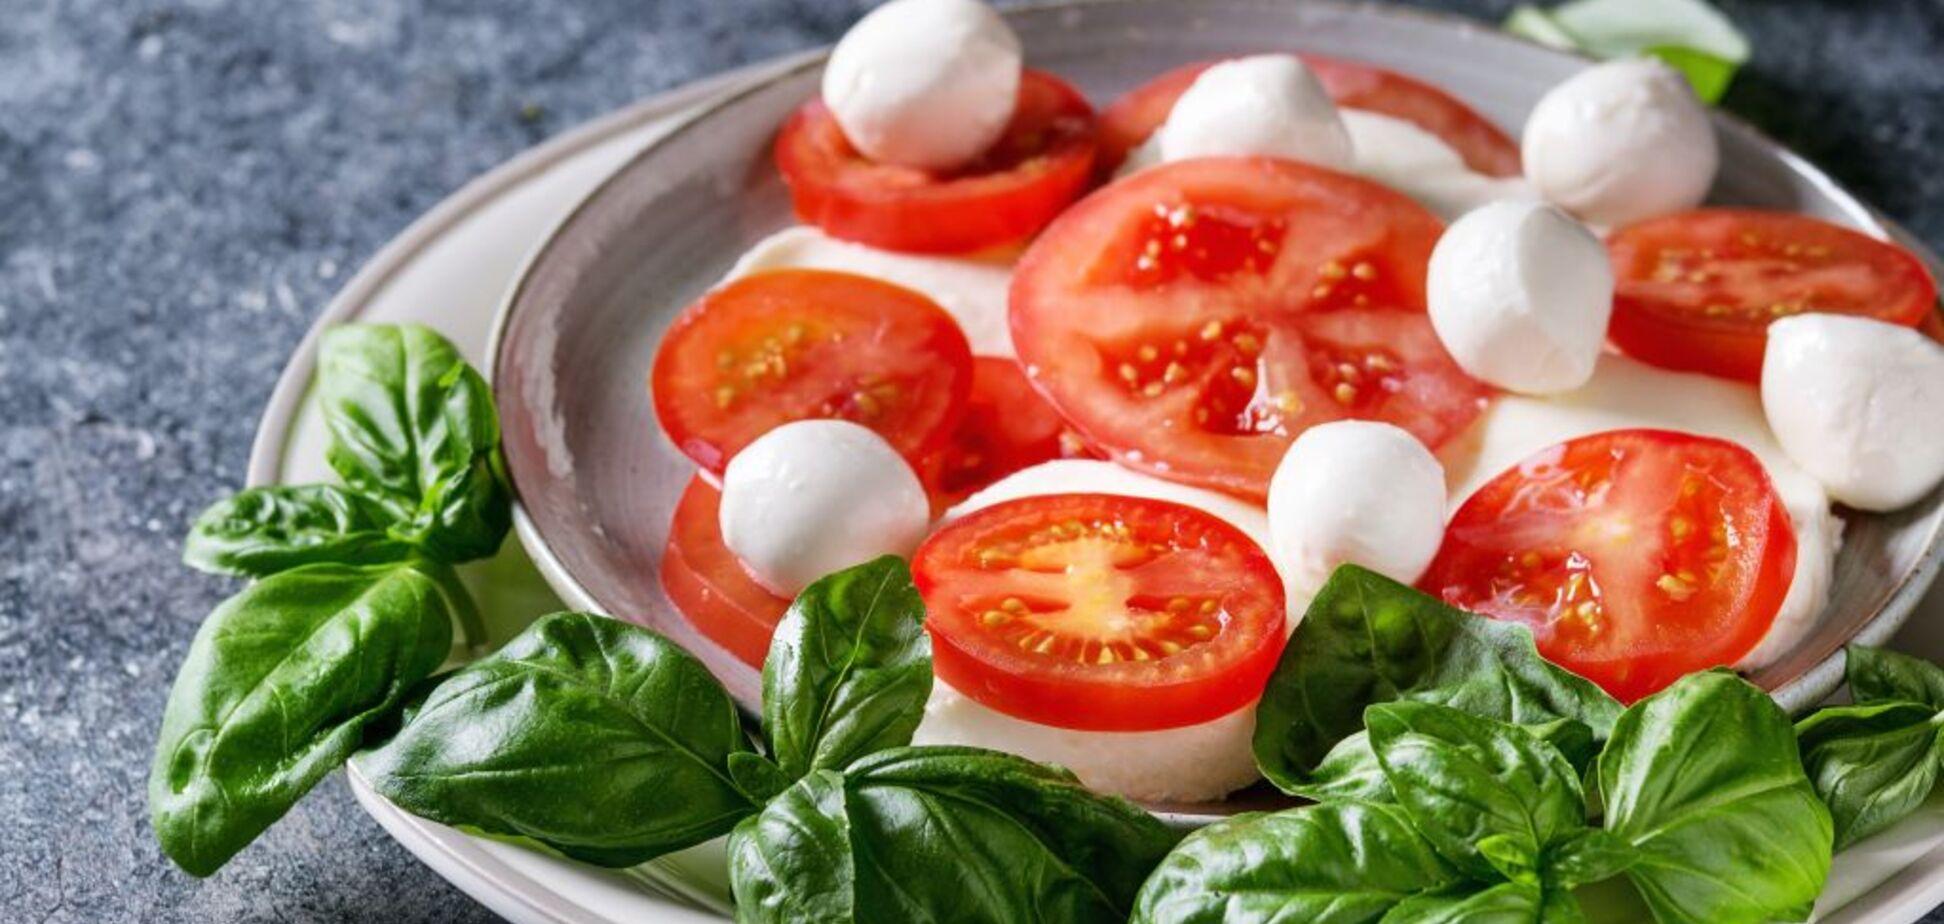 Дієтологи перерахували продукти для нічної їжі